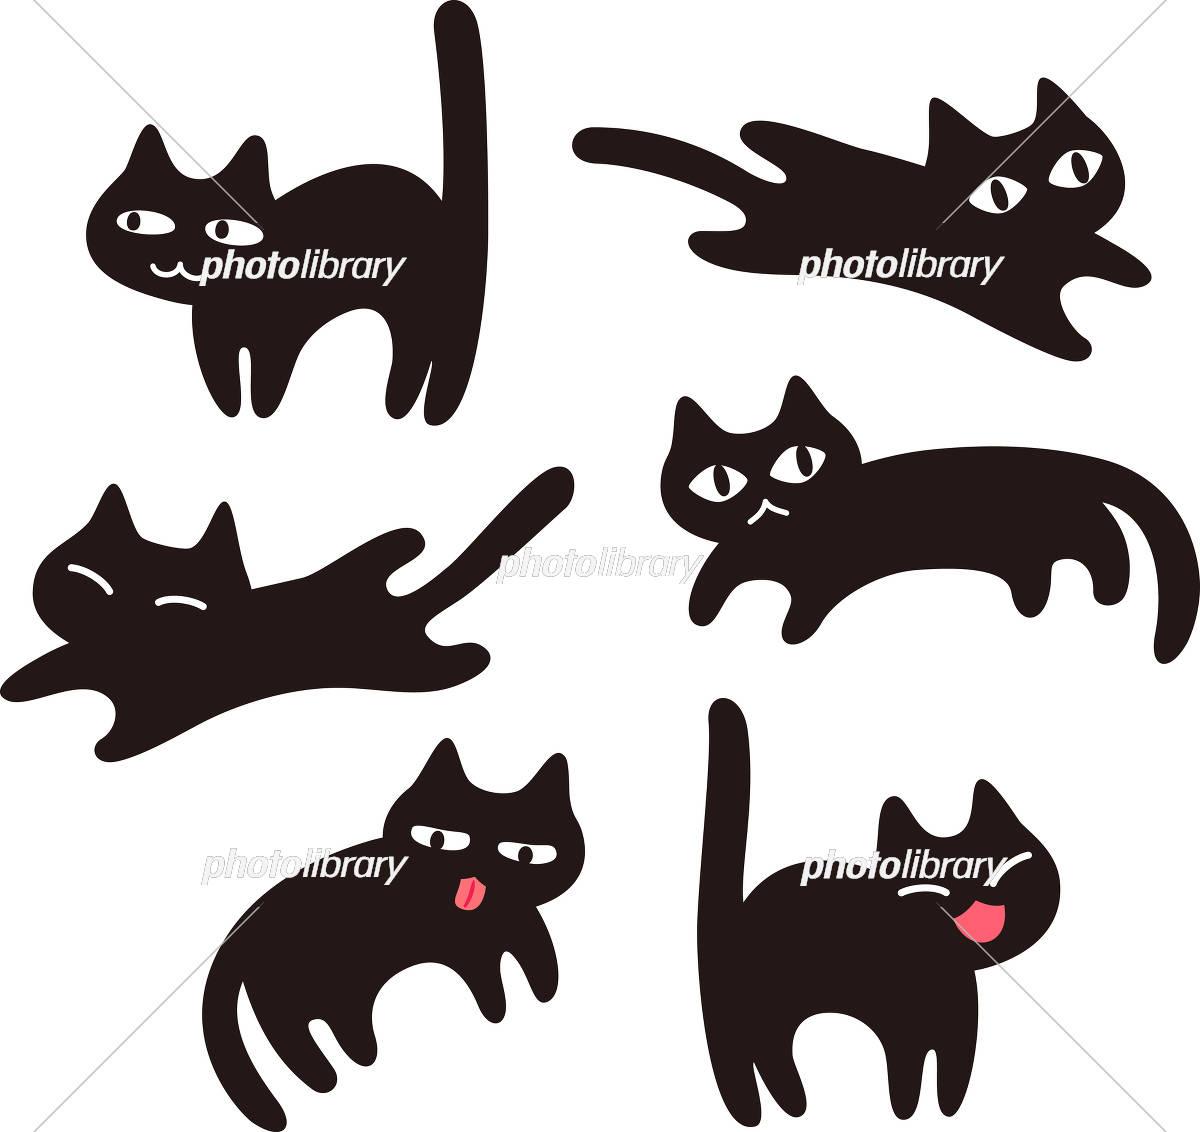 シンプルな黒猫のイラストセット イラスト素材 [ 5155210 ] - フォト